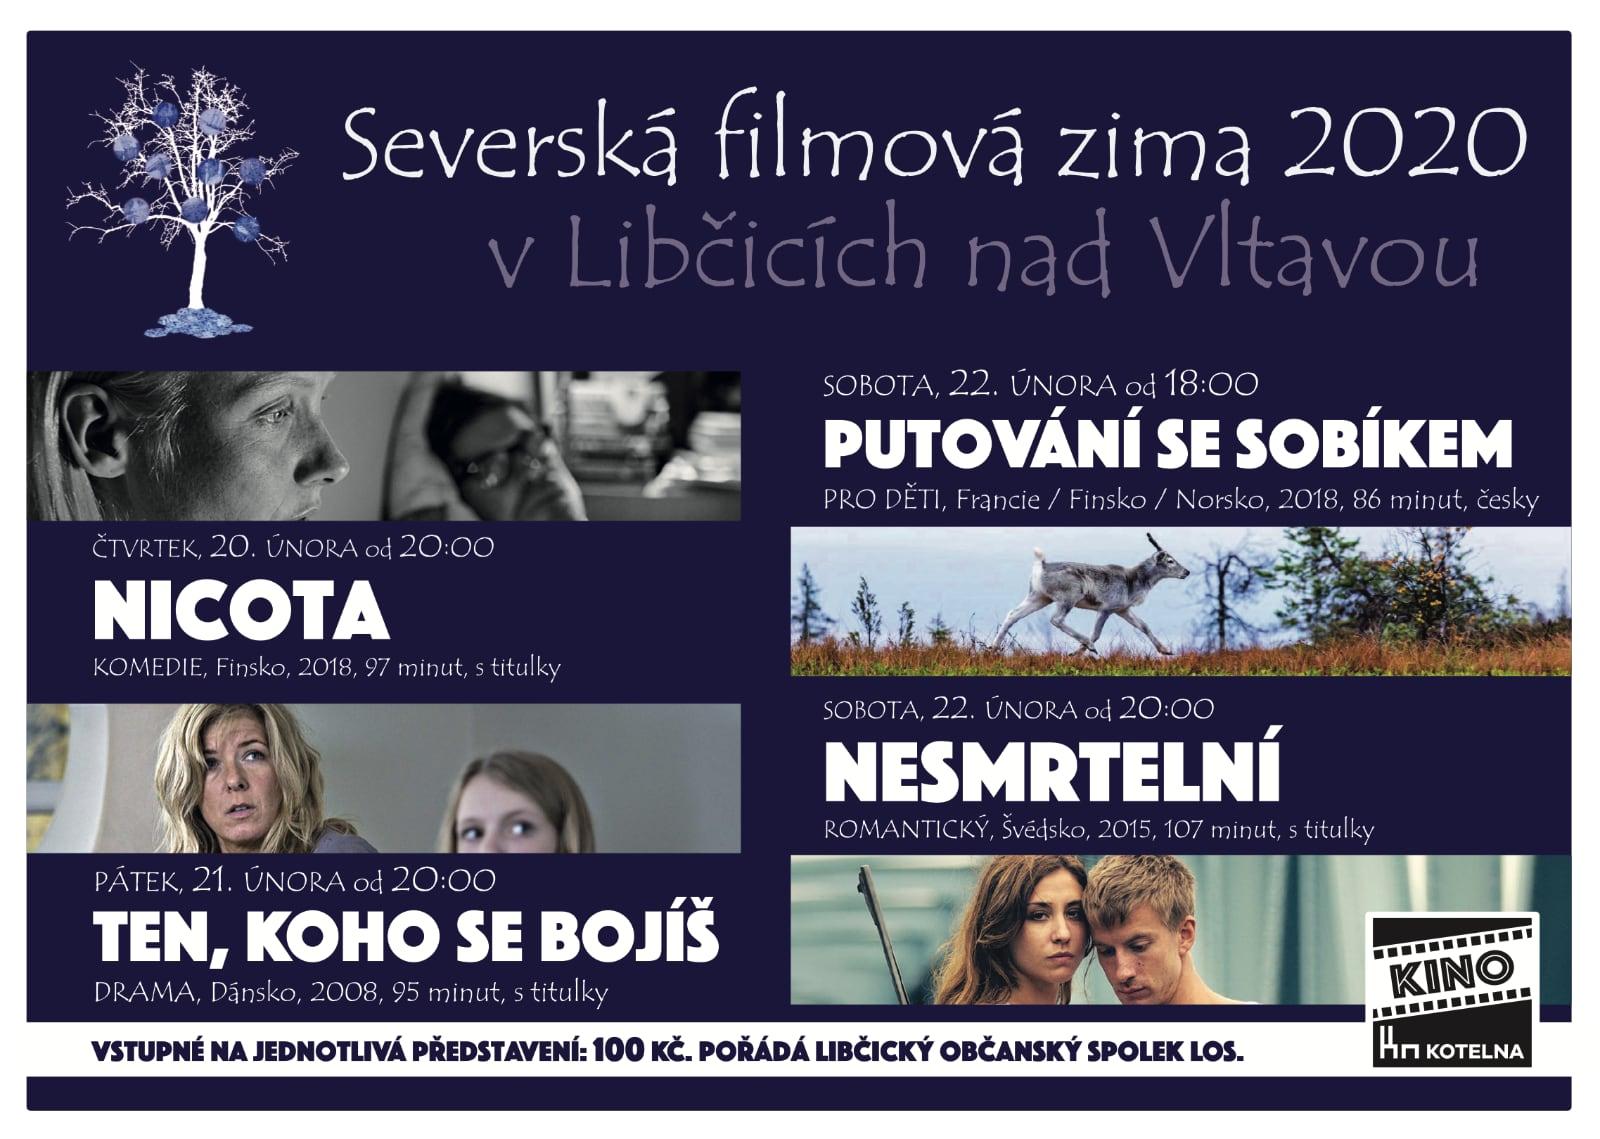 SFZ 2020